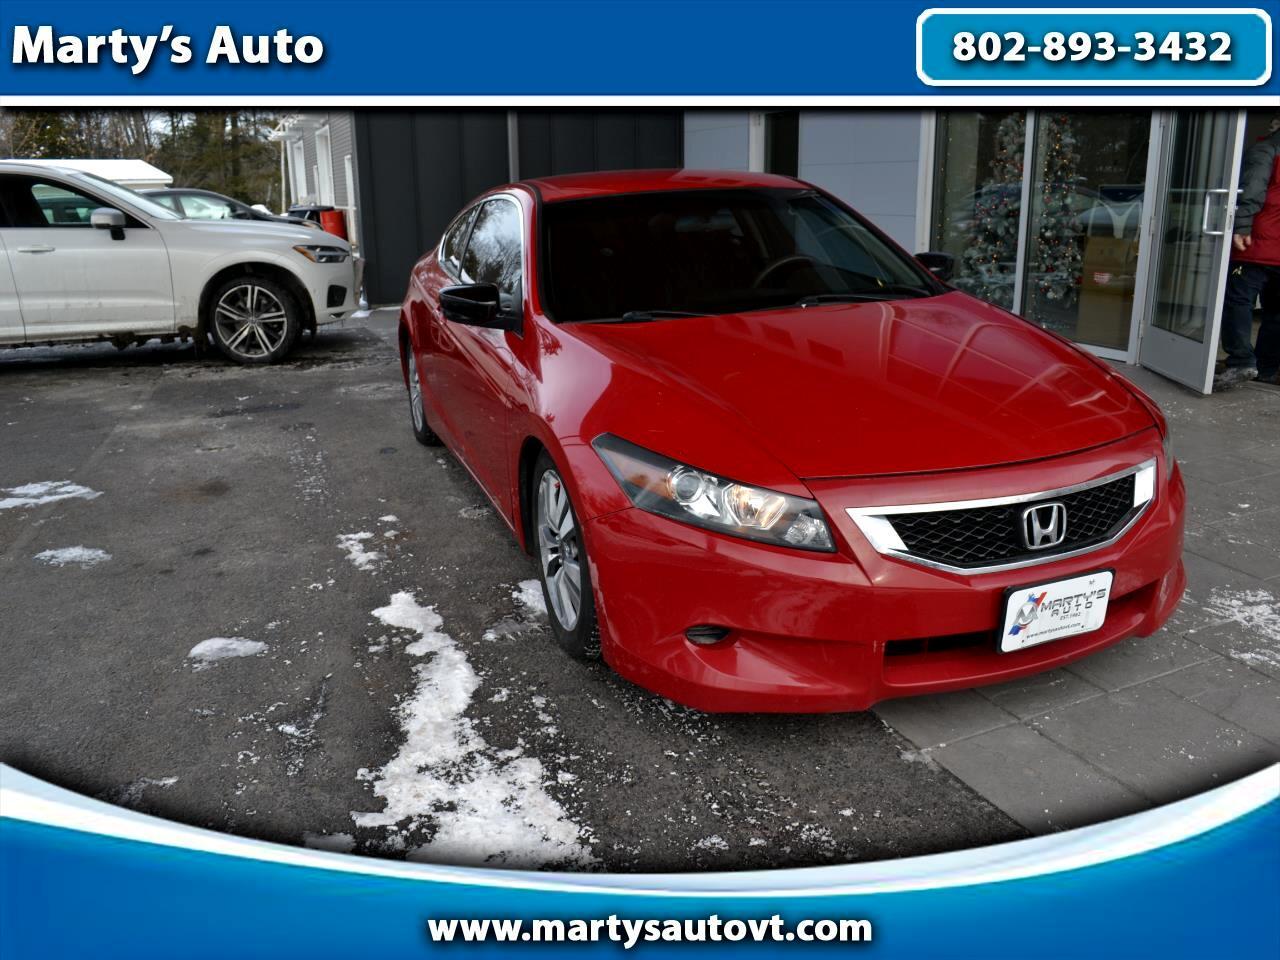 Honda Accord Cpe 2dr I4 Auto LX-S 2009